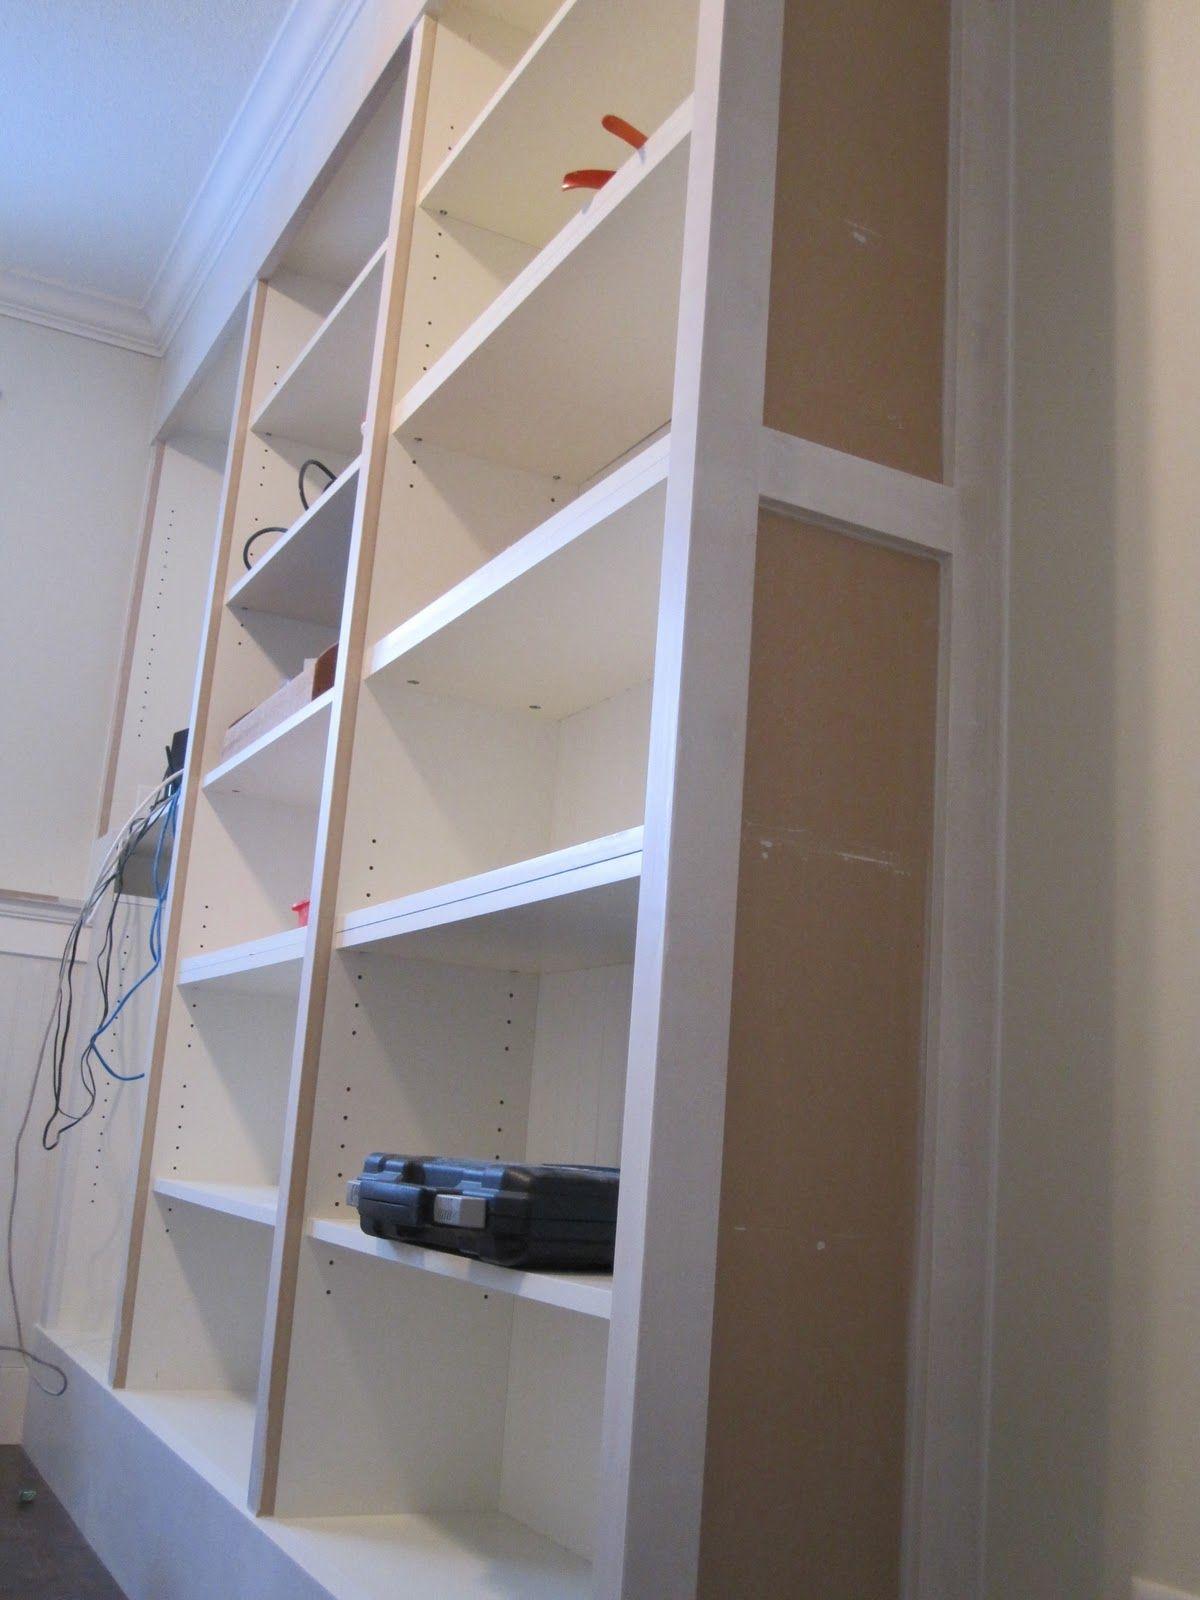 ikea billy hack carpe librum pinterest einliegerwohnung diy m bel und b cherregale. Black Bedroom Furniture Sets. Home Design Ideas